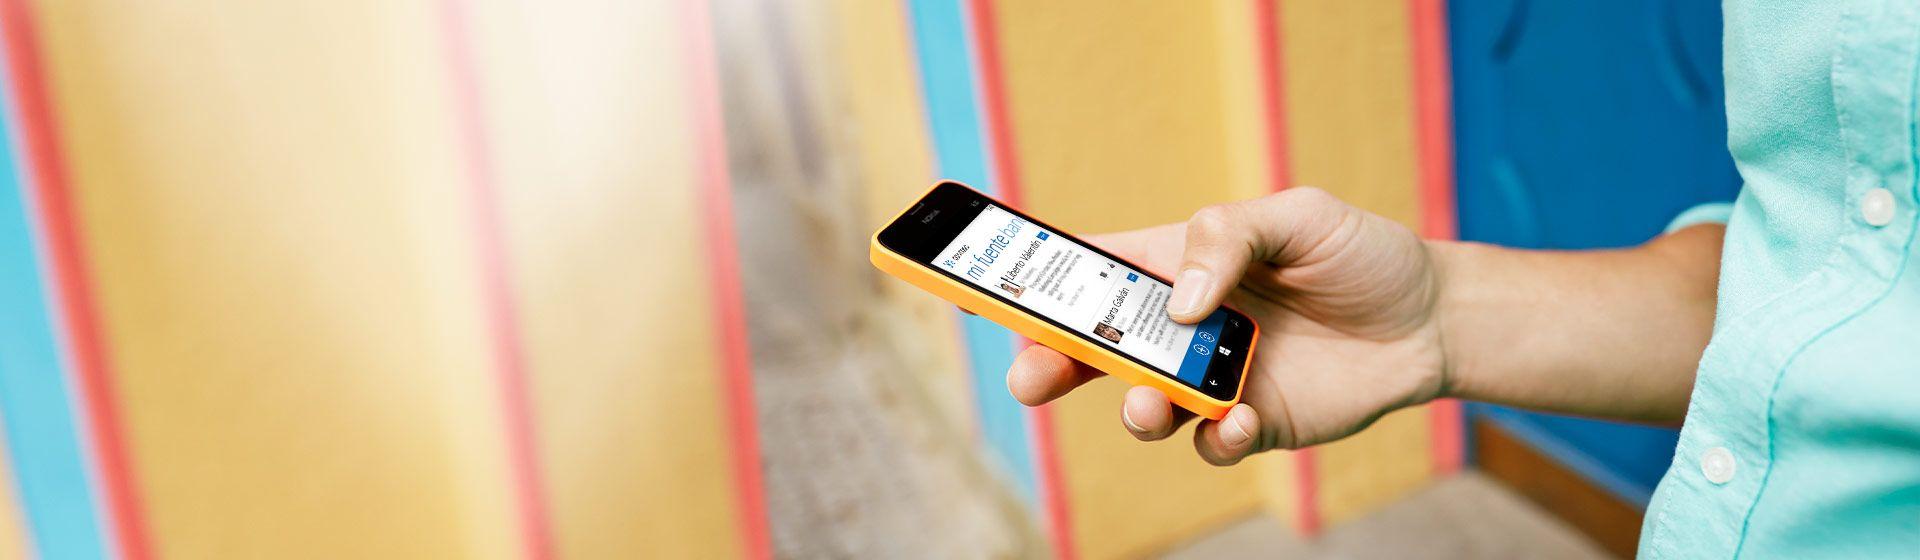 Una mano sostiene un teléfono Windows que muestra las fuentes en la aplicación móvil de Yammer